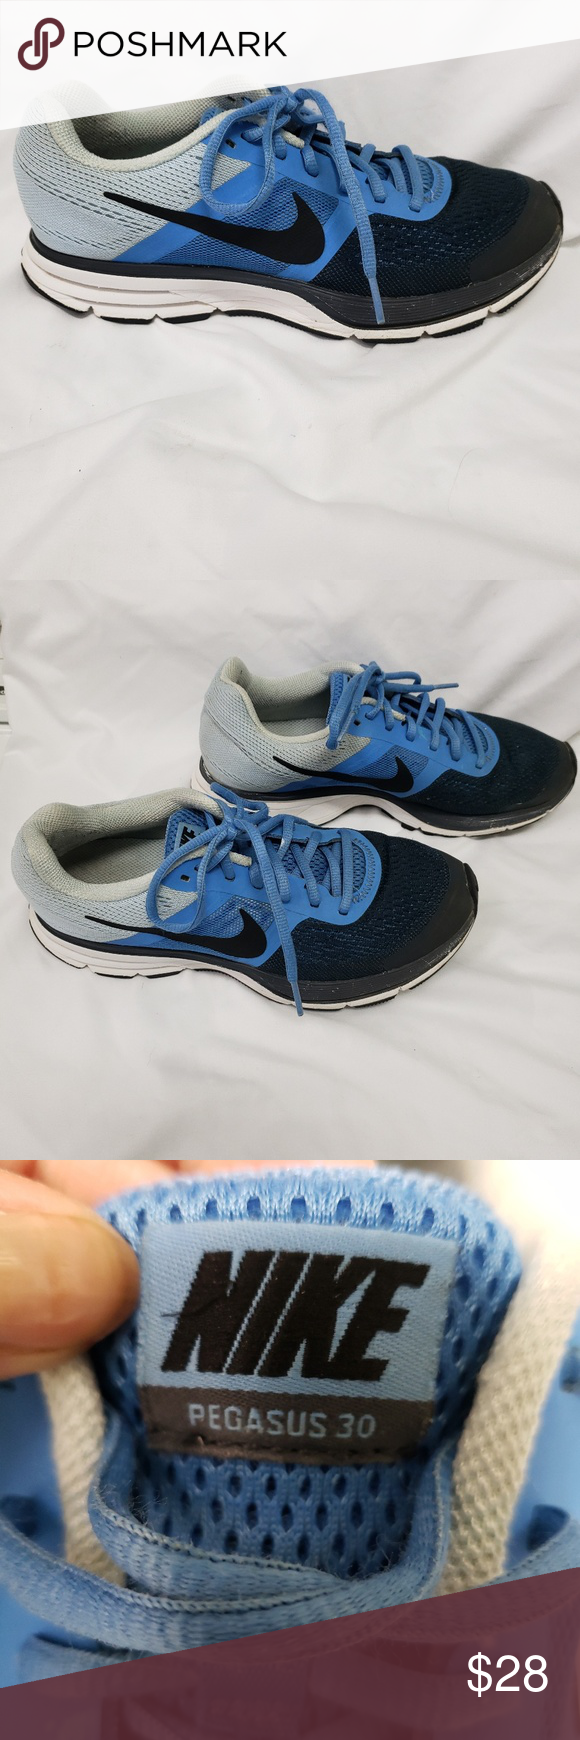 6599789b63bb Nike Pegasus 30 running shoes